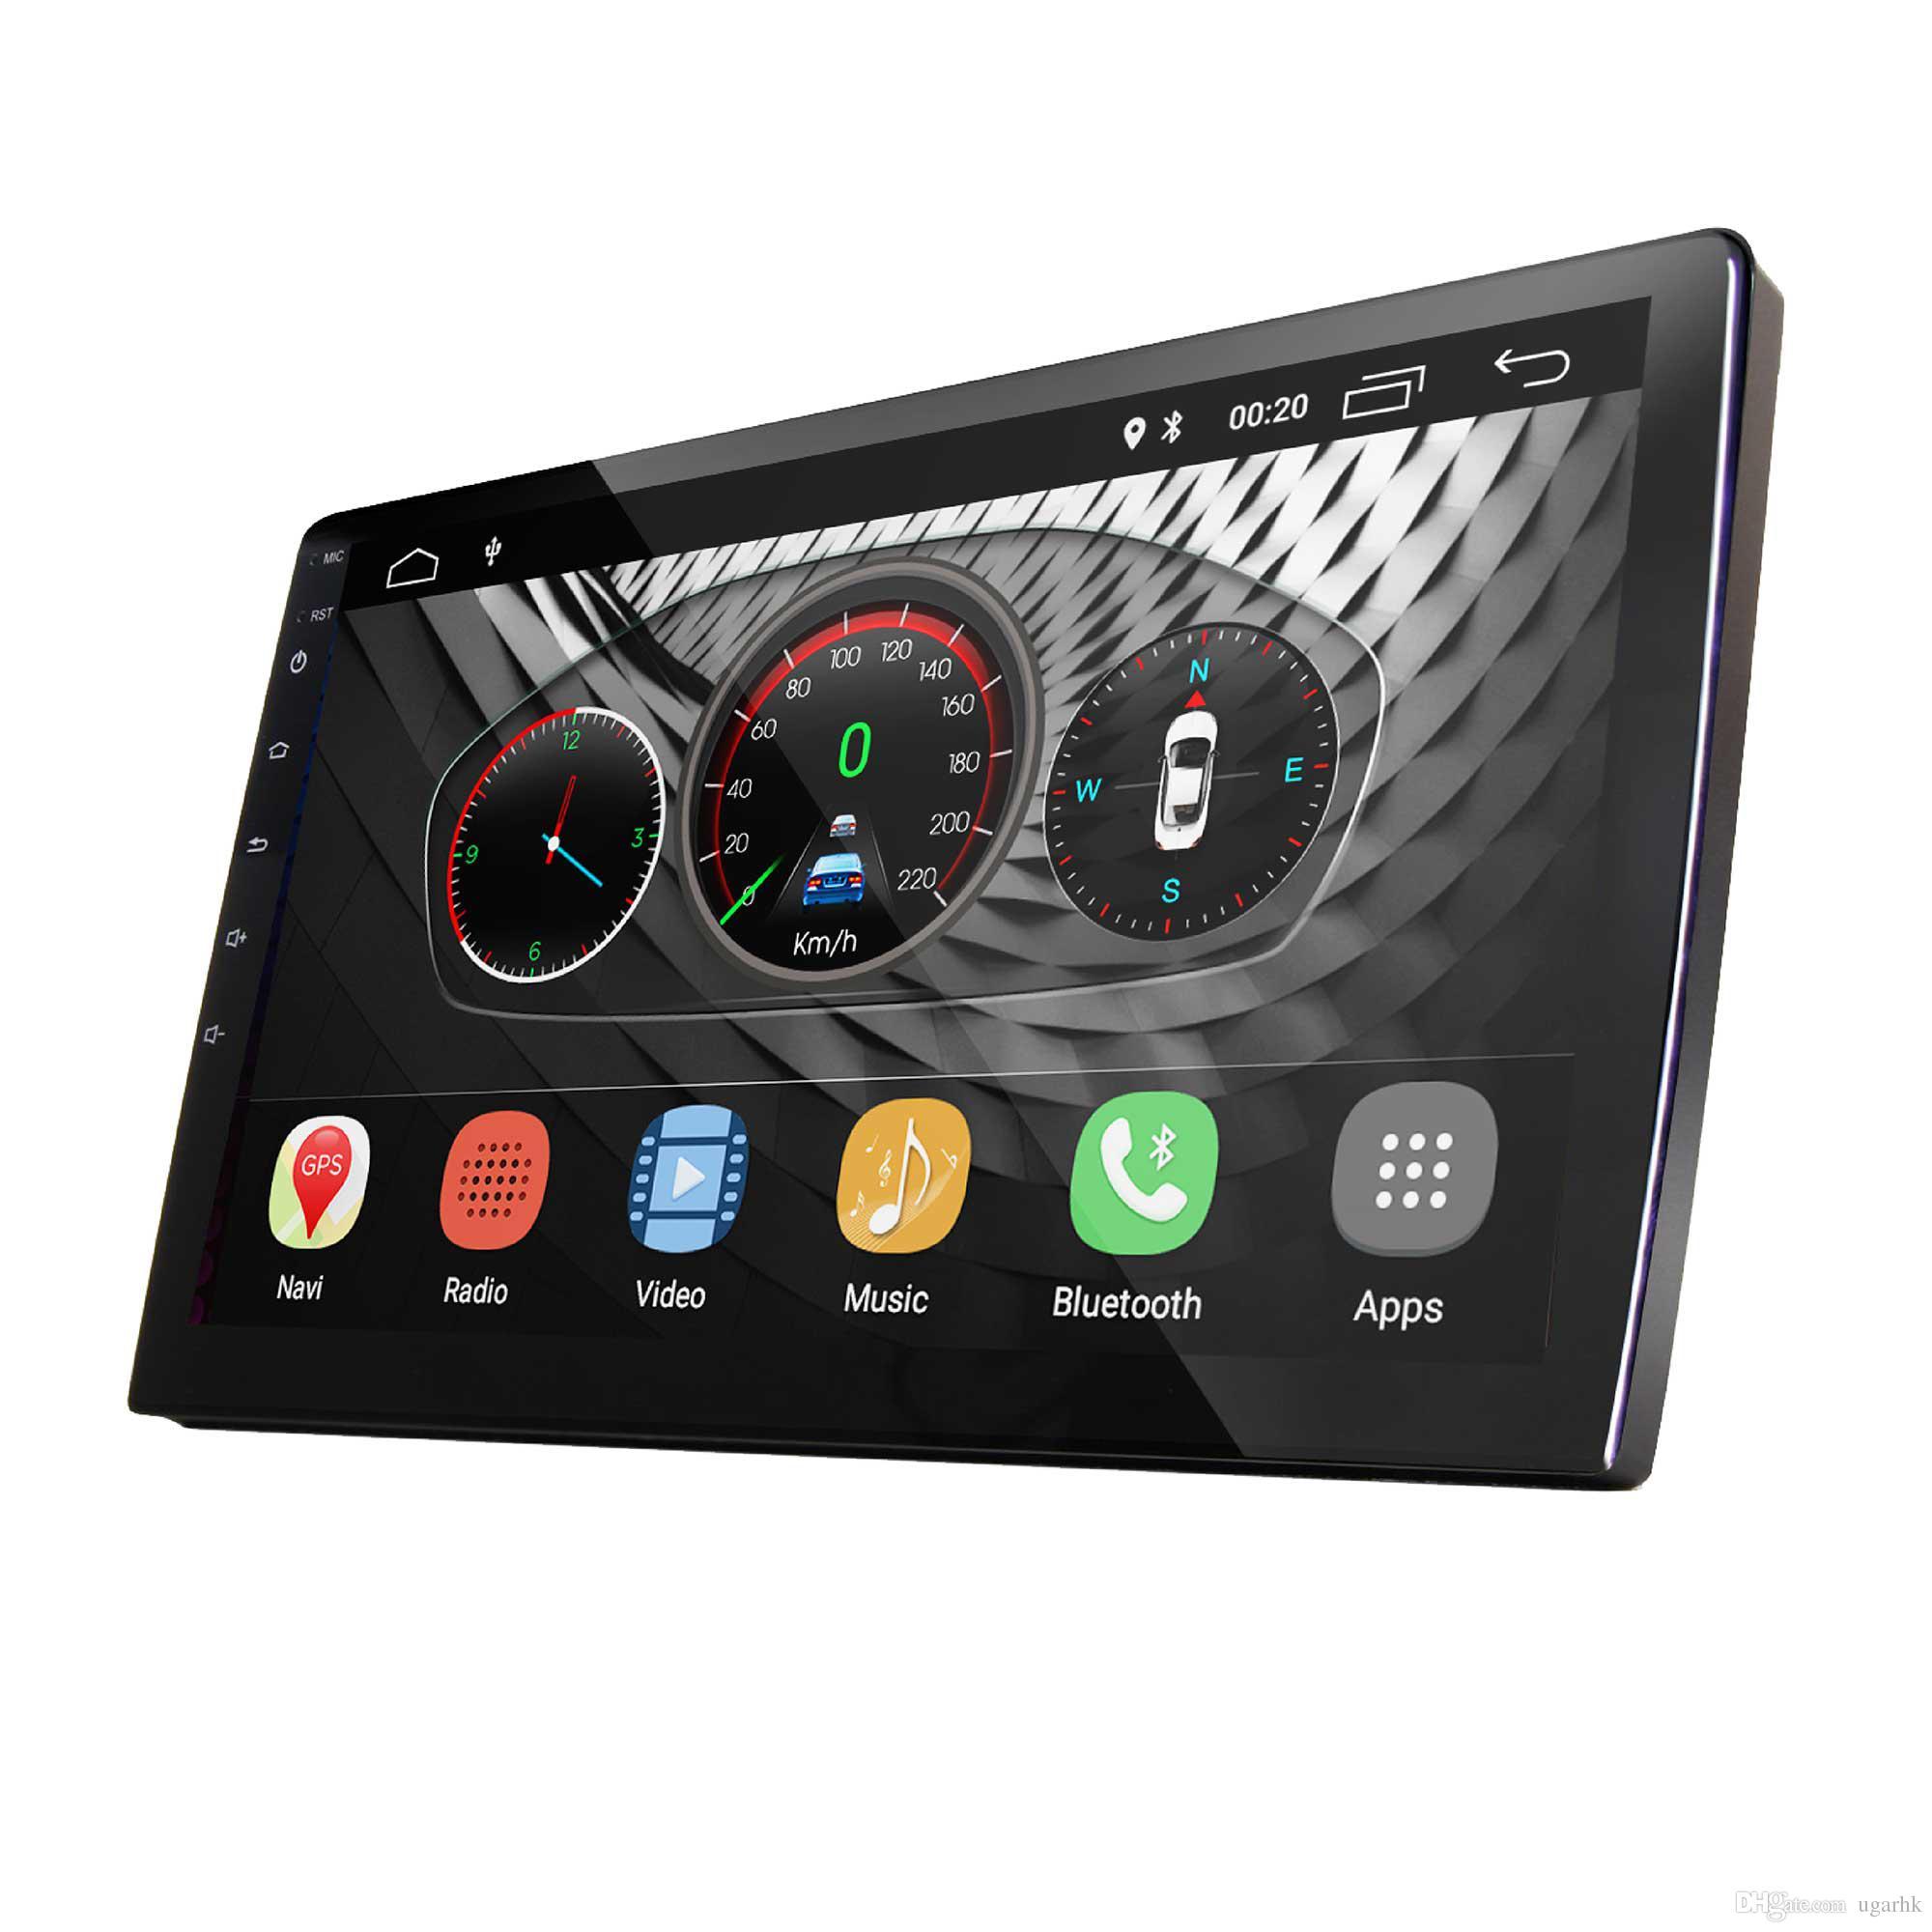 UGAR 10.1 polegadas Universal Estendido Carro DVD Android 8.1 Unidade Cabeça DDR 2 GB Duplo Din Carro Áudio Indash Navegação GPS com Bluetooth WiFi